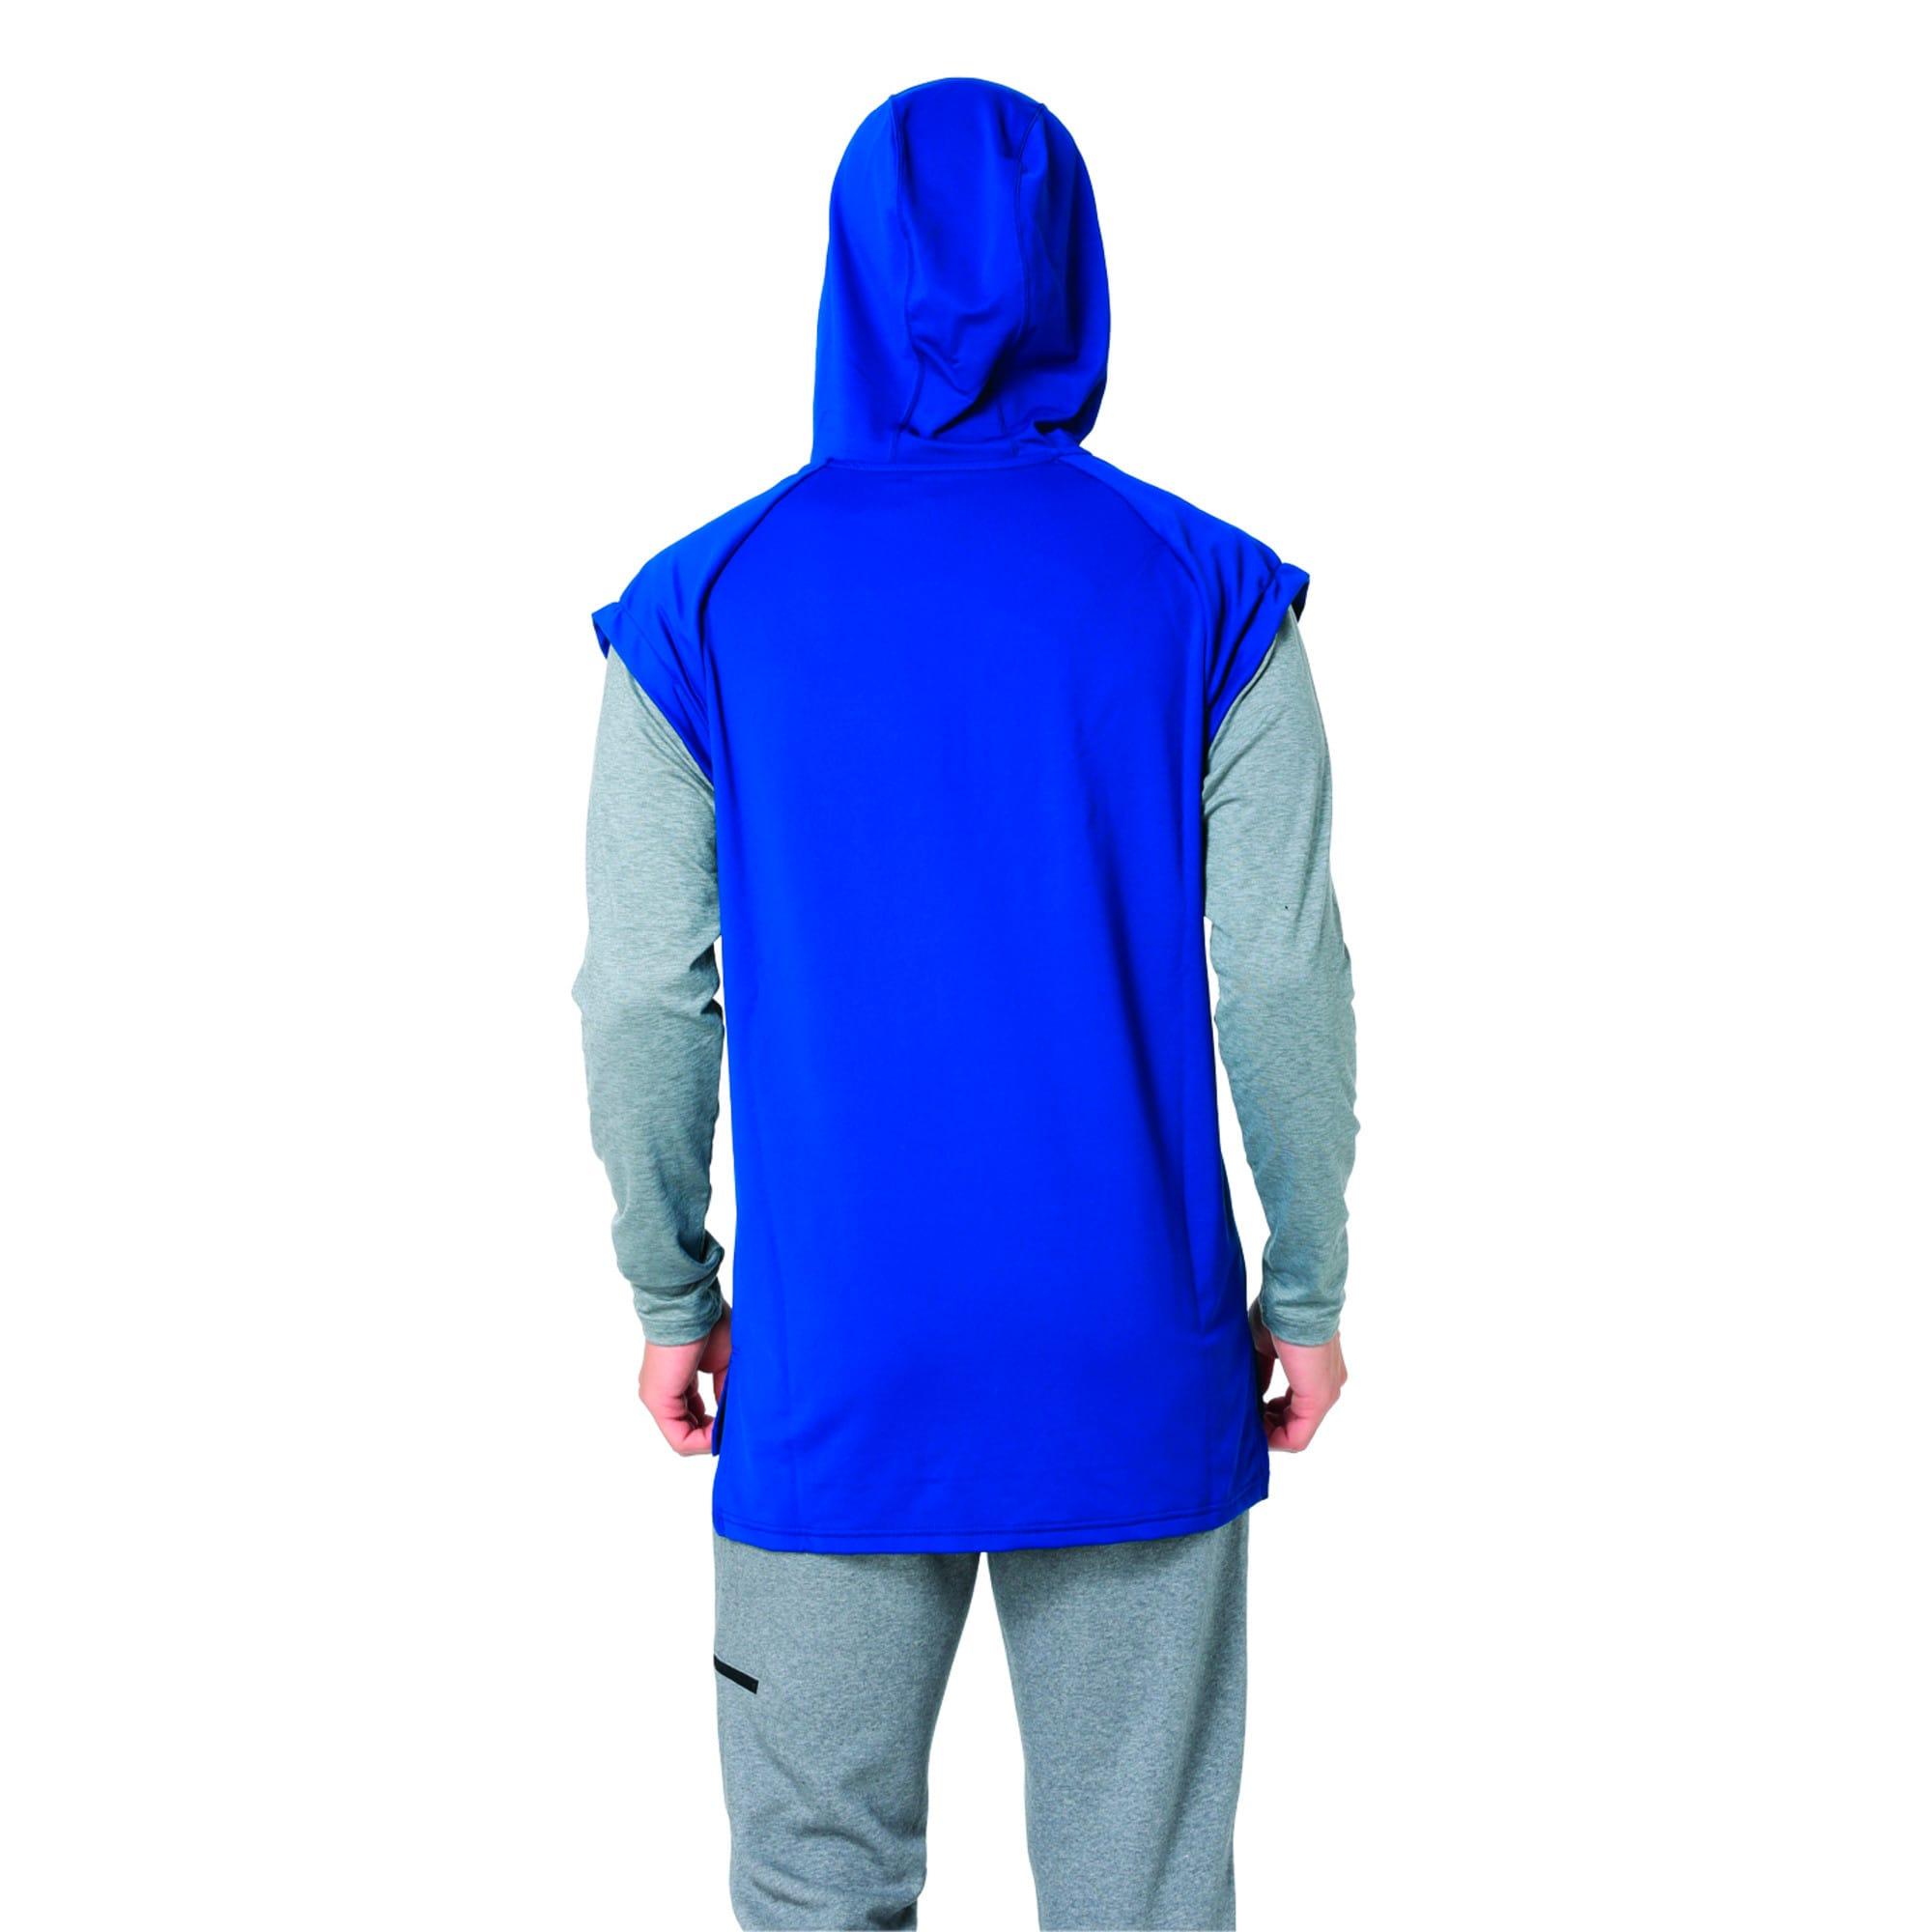 Thumbnail 3 of Active Training Men's Tech Fleece 1/4 Zip Hoodie, Sailor Blue, medium-IND